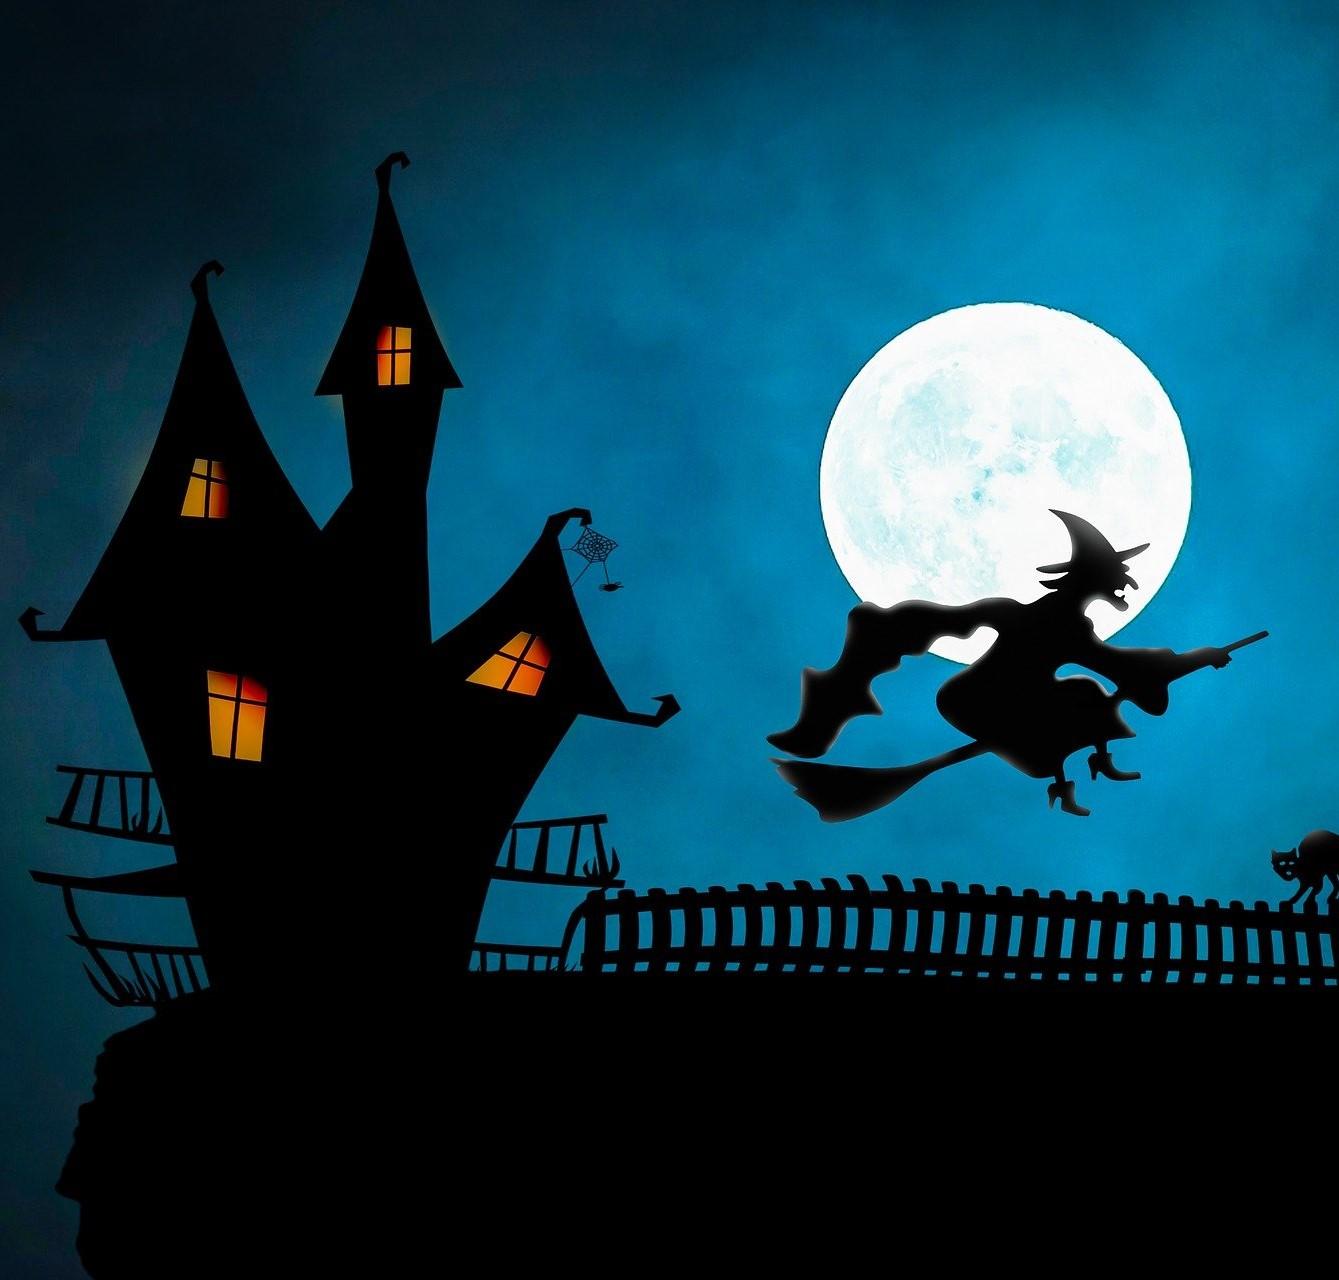 DIMANCHE 31 OCTOBRE – Soirée d'Halloween organisée par les Services récréatifs et communautaires!